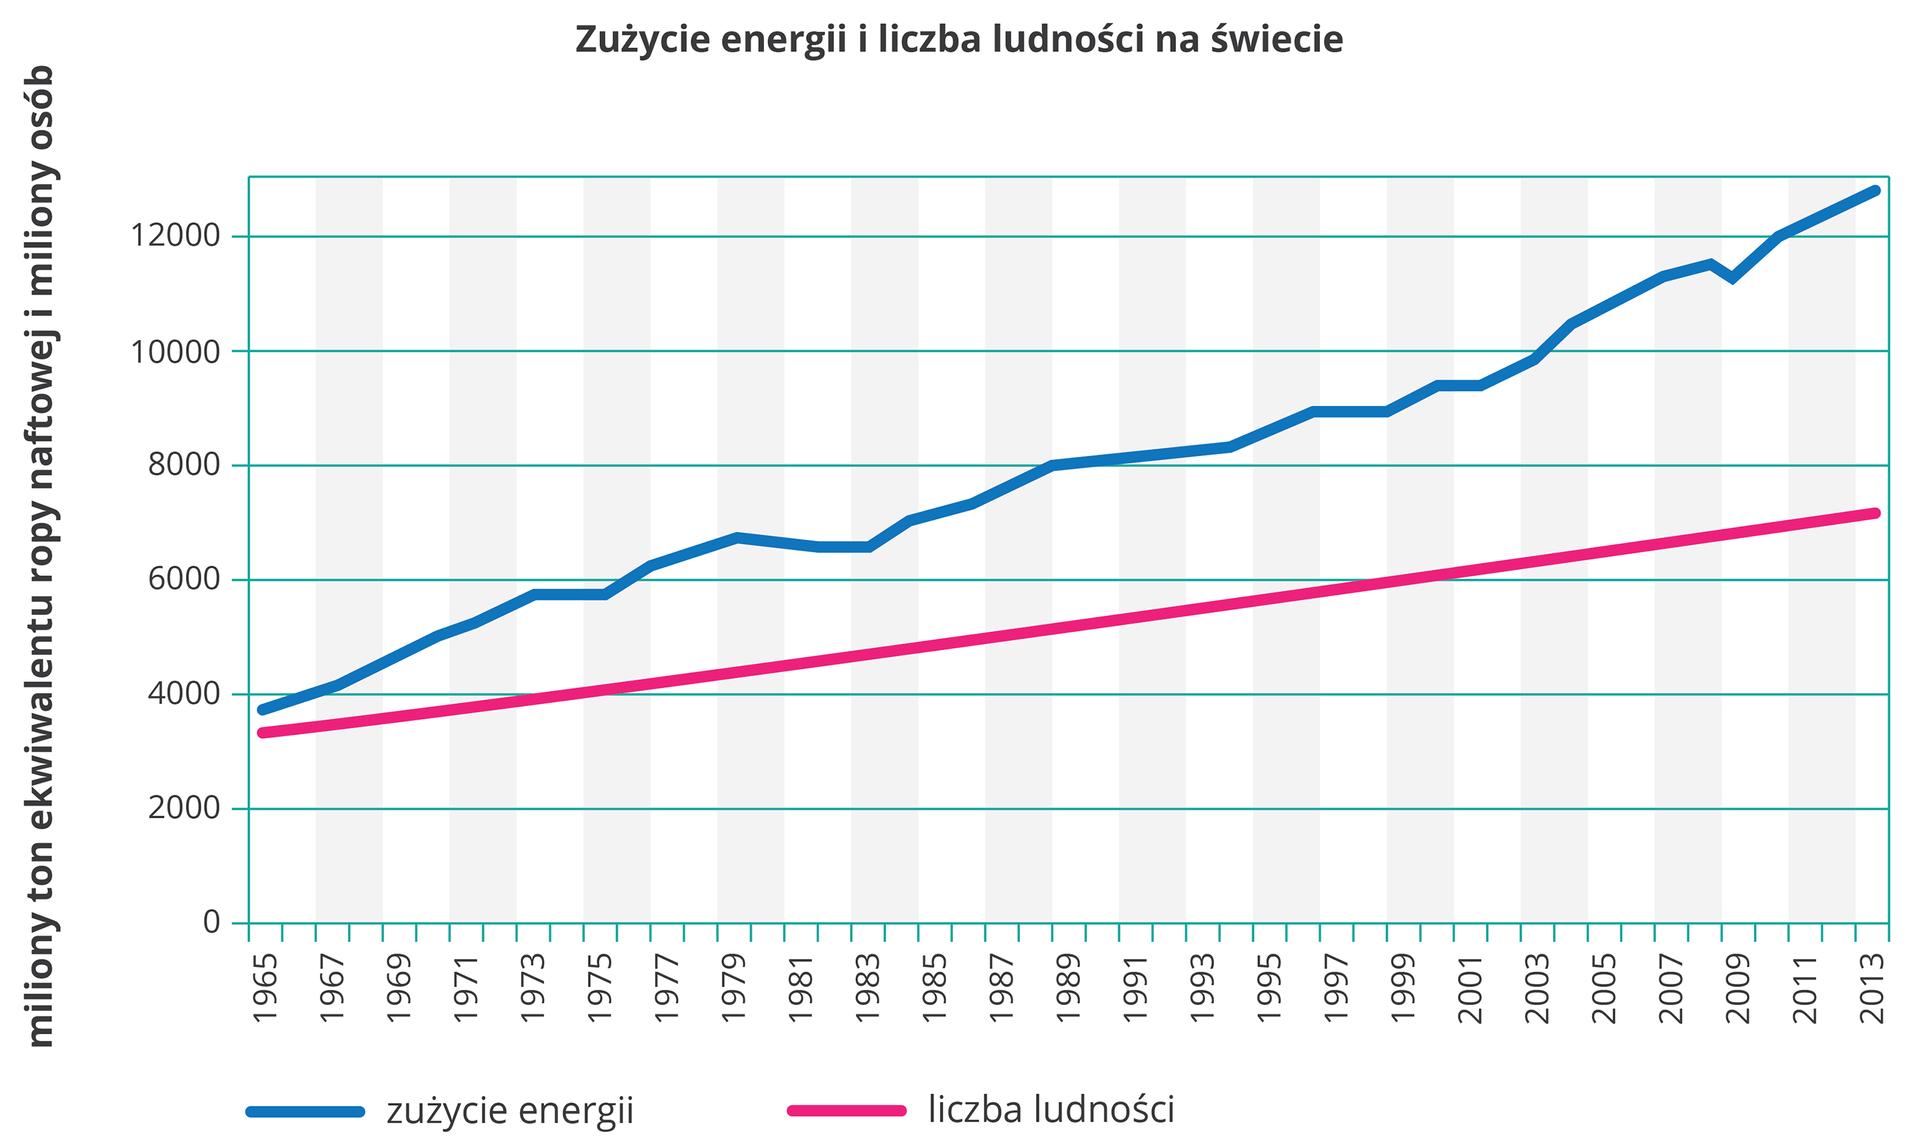 Na ilustracji wykres liniowy. Zlewej strony na osi pionowej opisano wartości od zera do dwunastu tysięcy (miliony ton ekwiwalentu ropy naftowej imiliony osób). Na osi poziomej opisano lata od tysiąc dziewięćset sześćdziesiąt pięć do dwa tysiące trzynaście. Liniami przedstawiono zużycie energii – kolor niebieski iliczbę ludności – kolor czerwony na świecie. Ogólna tendencja rosnąca, ale zużycie energii rośnie szybciej niż liczba ludności.